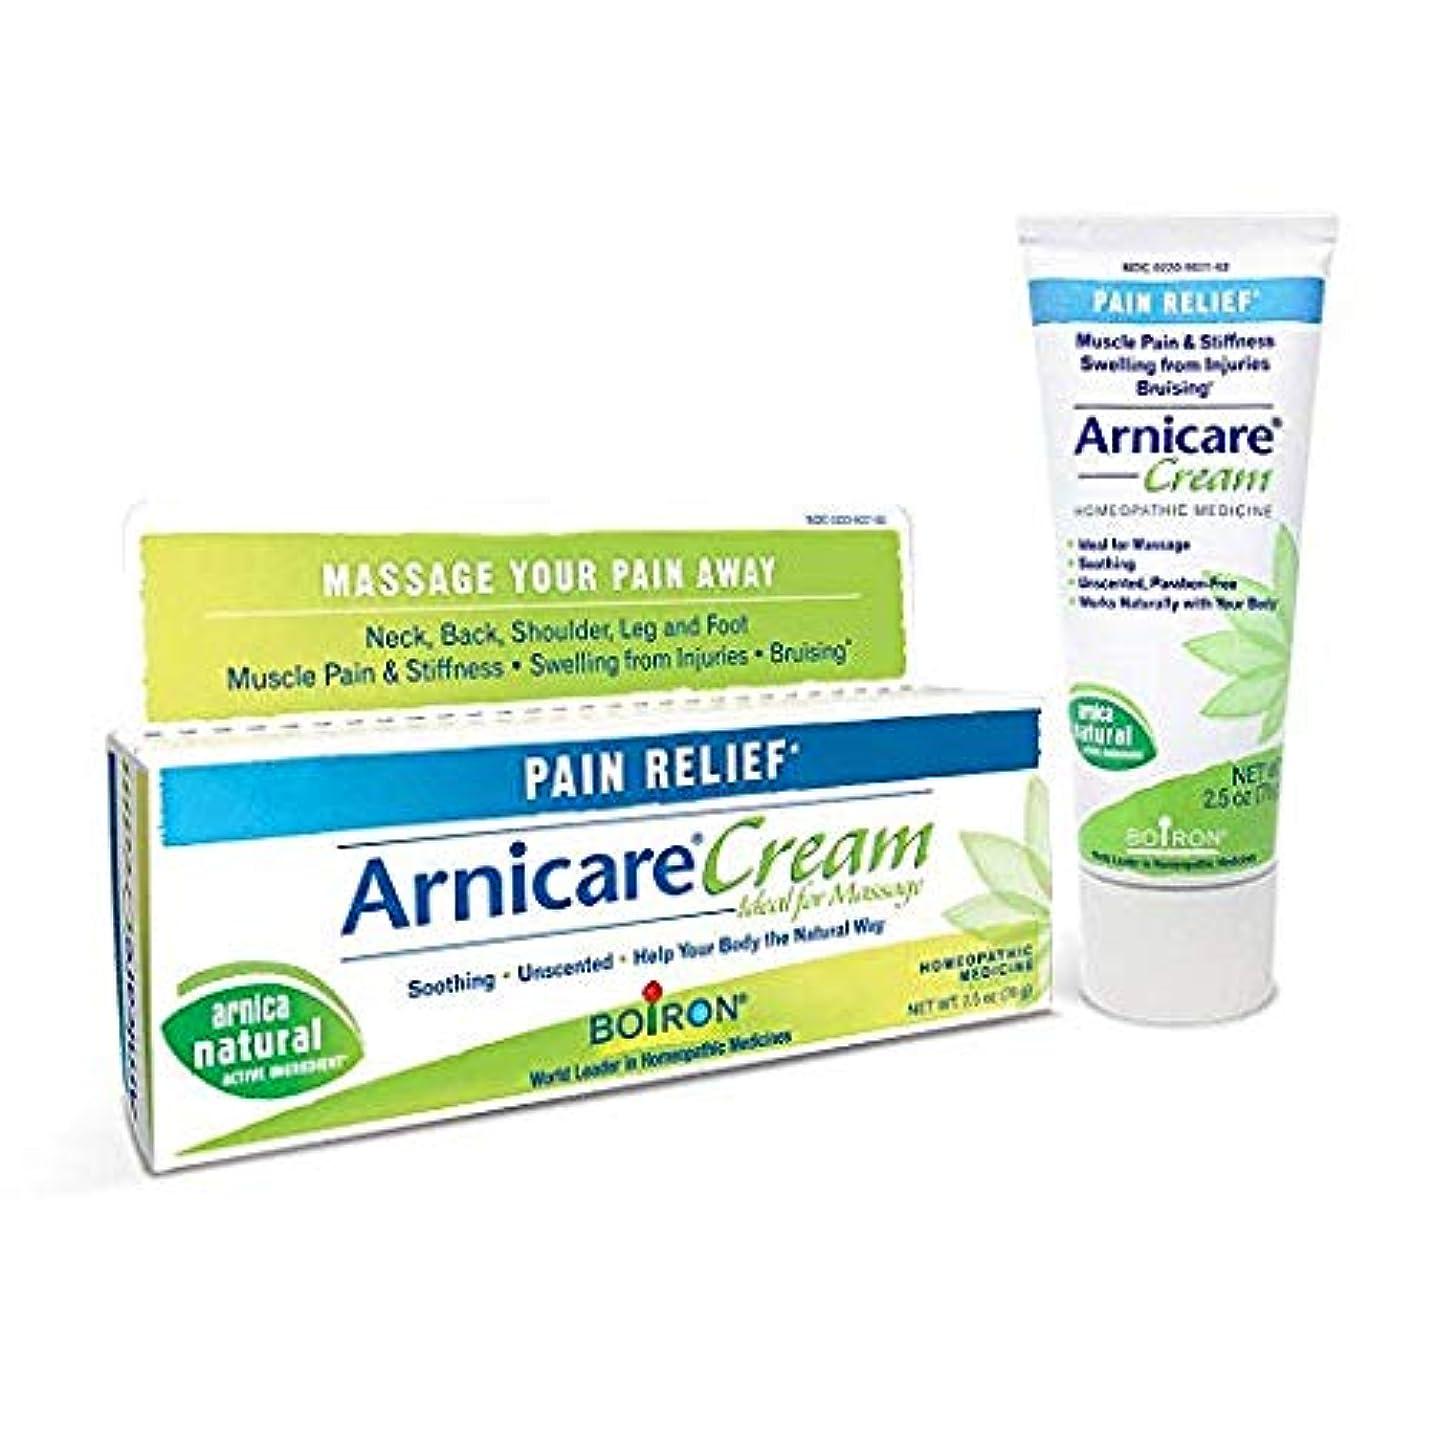 中庭愛国的な花瓶ボイロン アルニカクリーム Boiron Arnicare Cream 2.5 Ounces Topical Pain Relief Cream [並行輸入品]